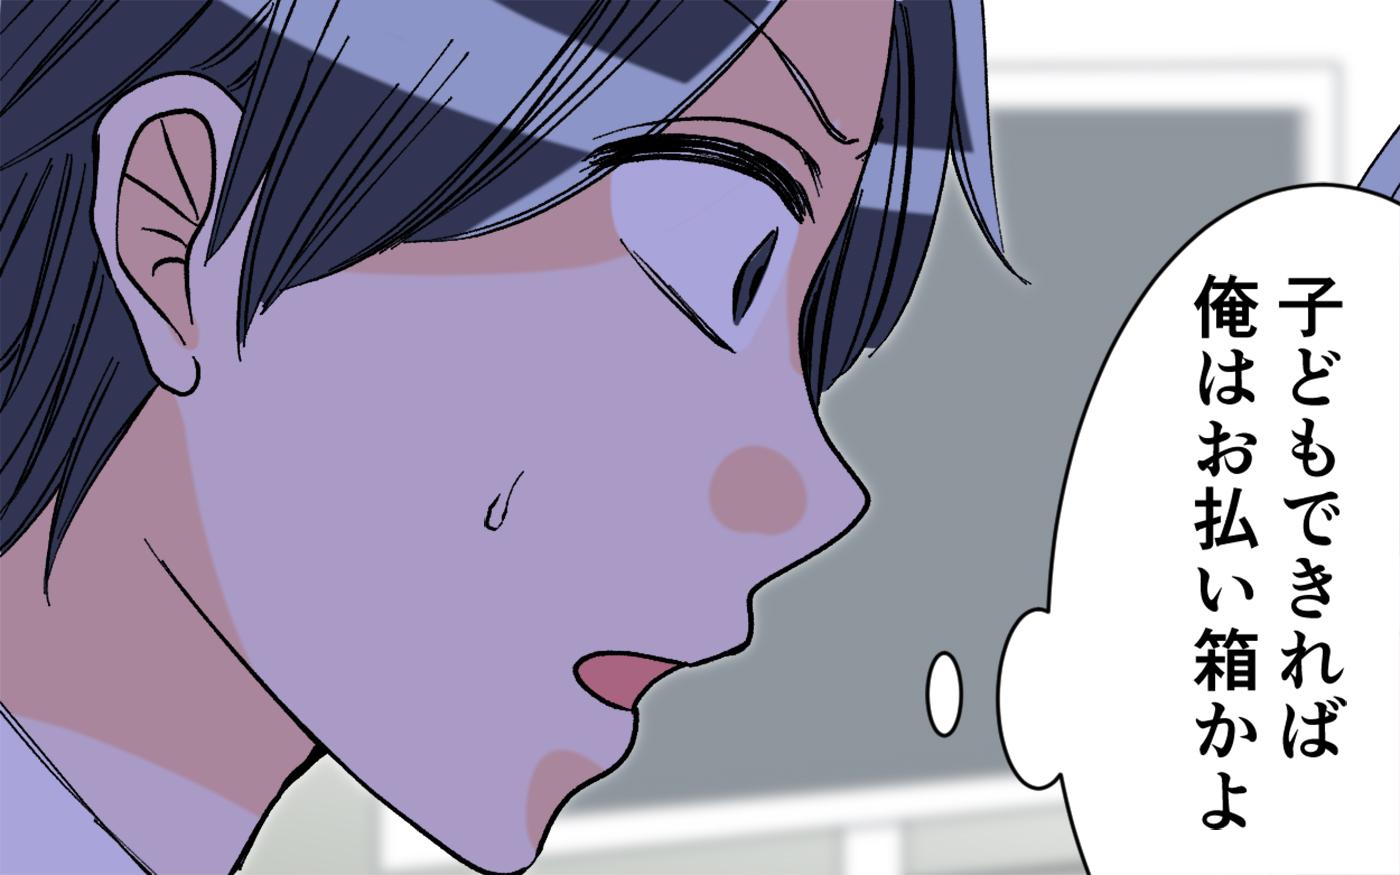 「俺は精子バンクか!」妊娠したら夫はお払い箱に/亜由美の場合(1)